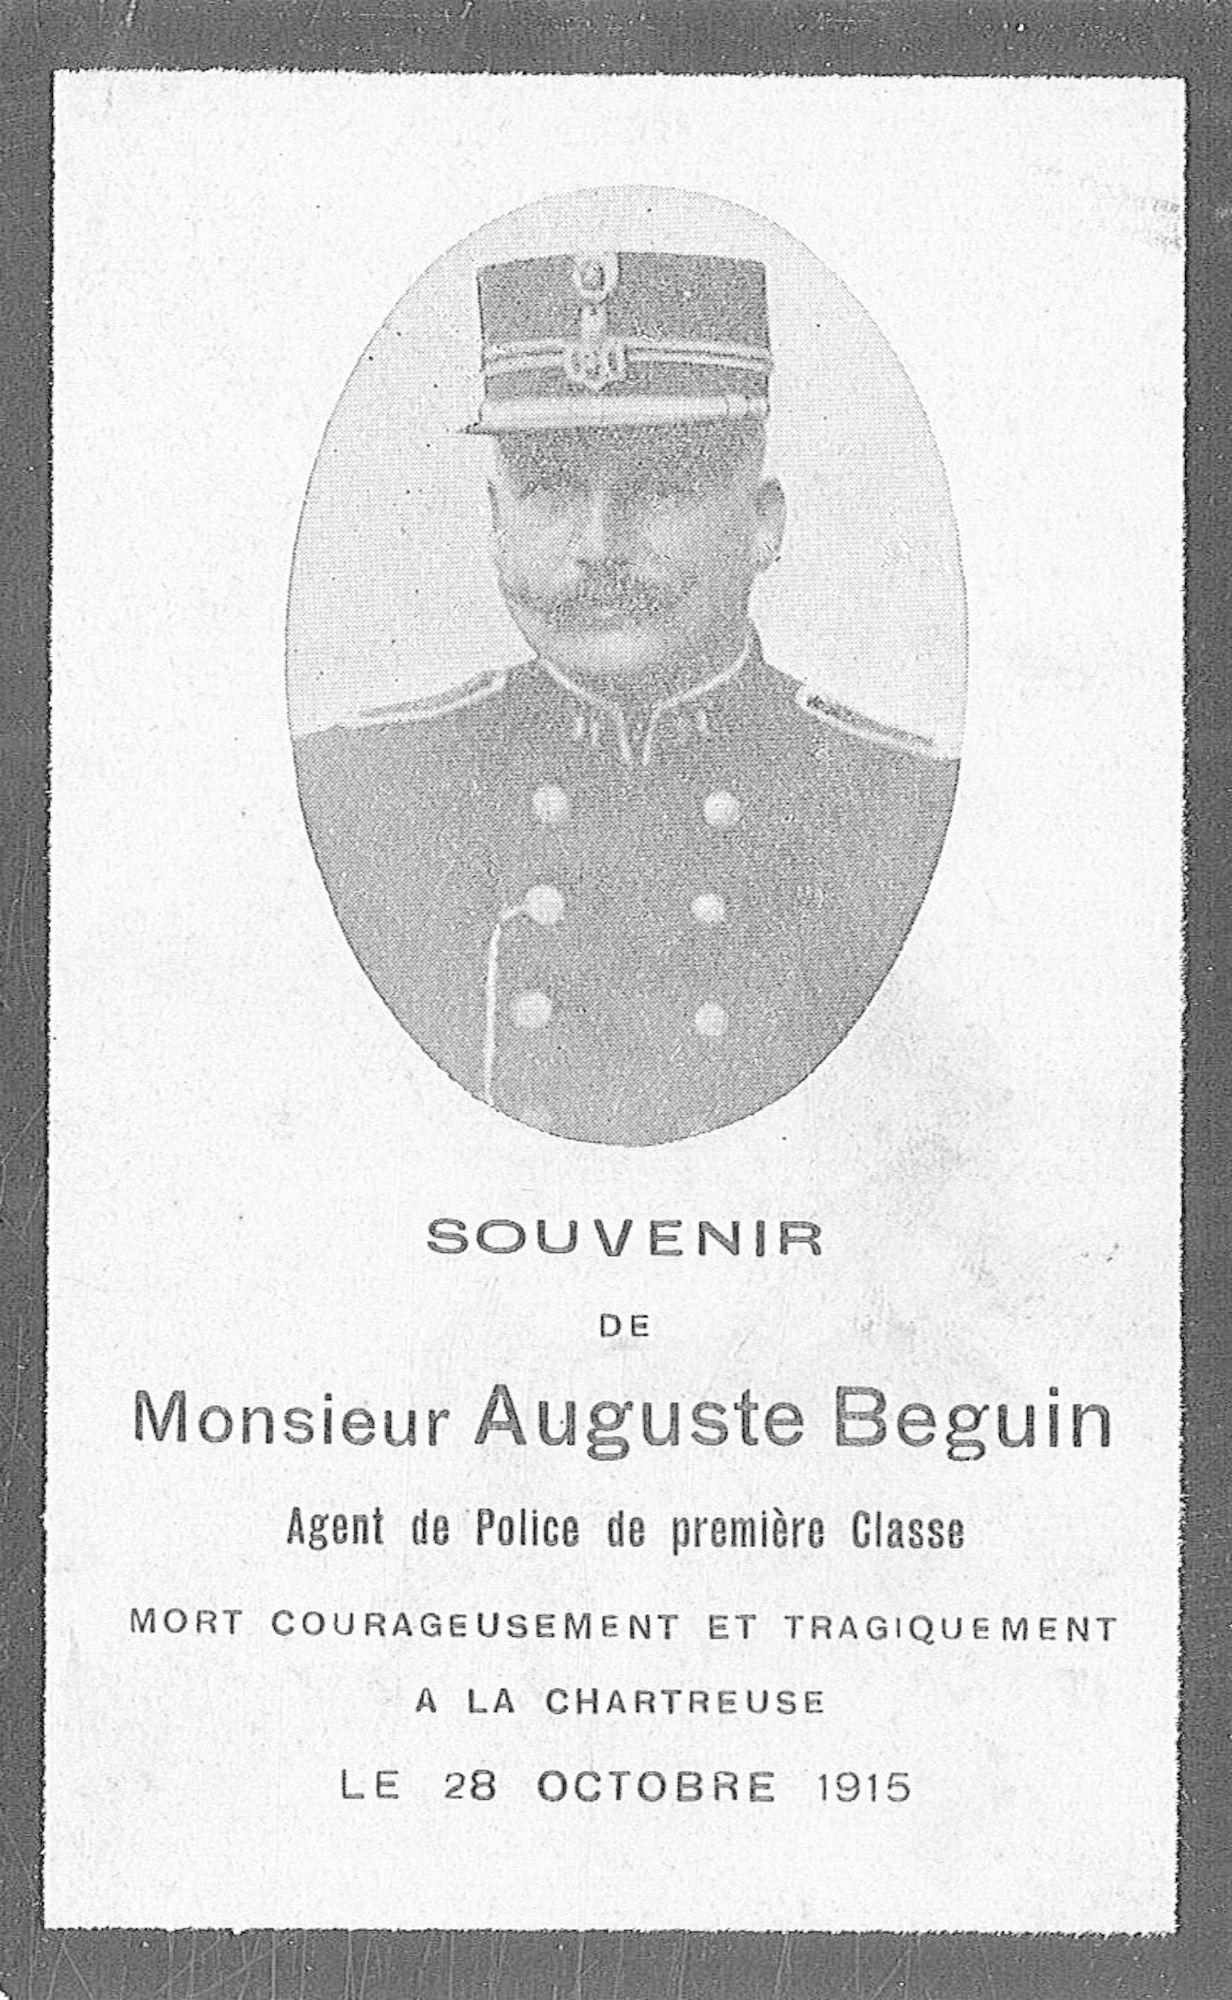 Auguste Beguin